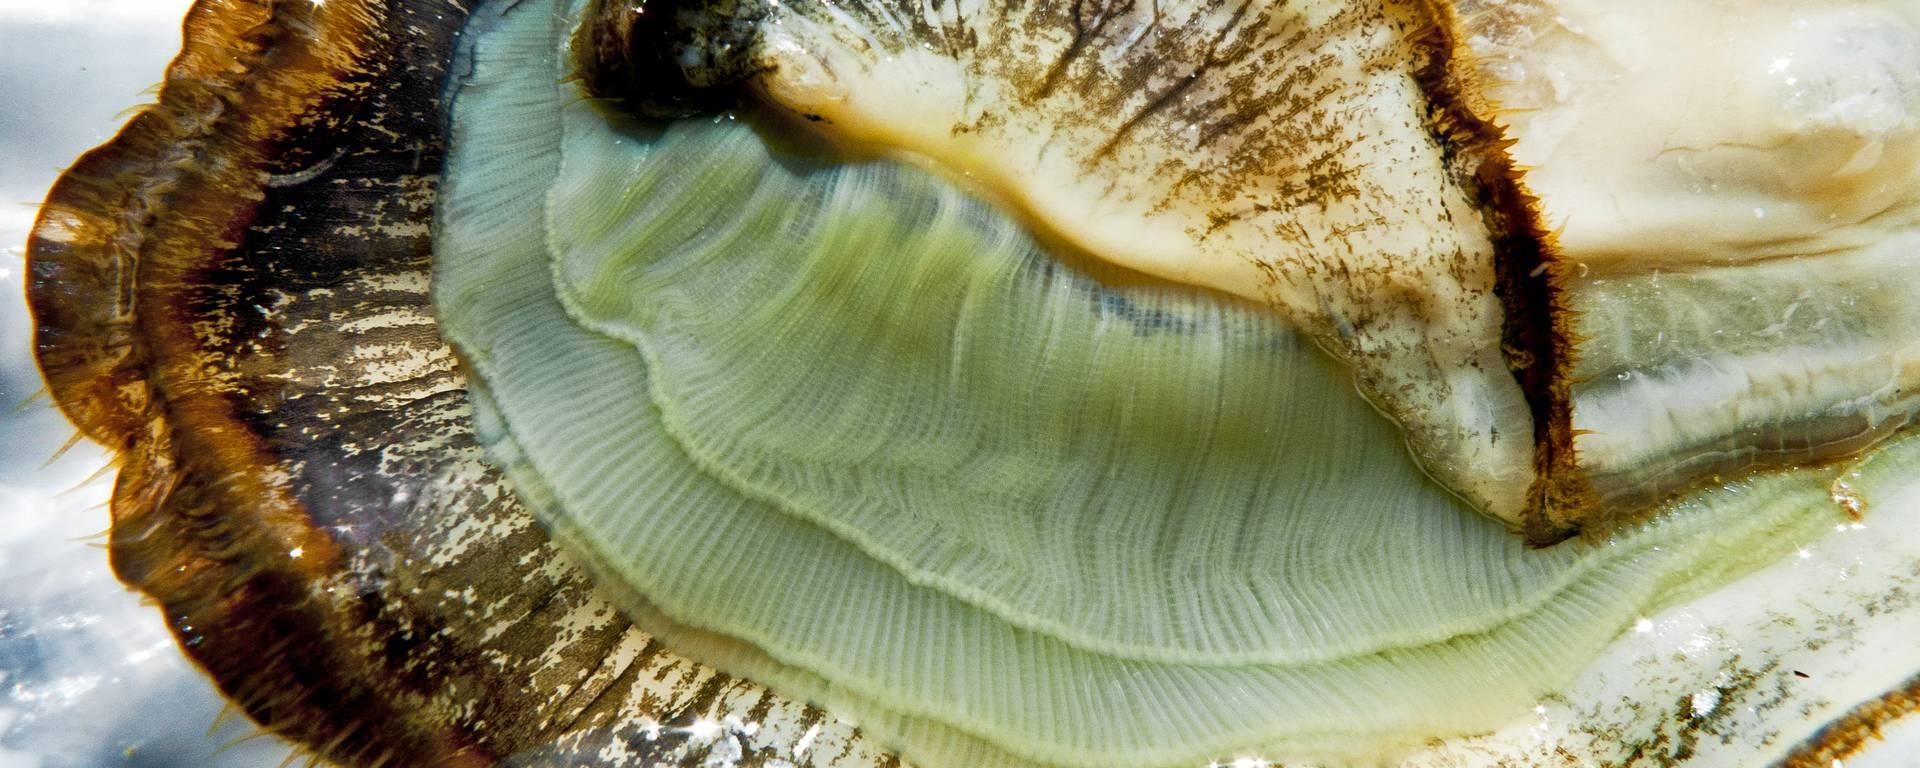 L'huître ouverte par Lesley Williamson